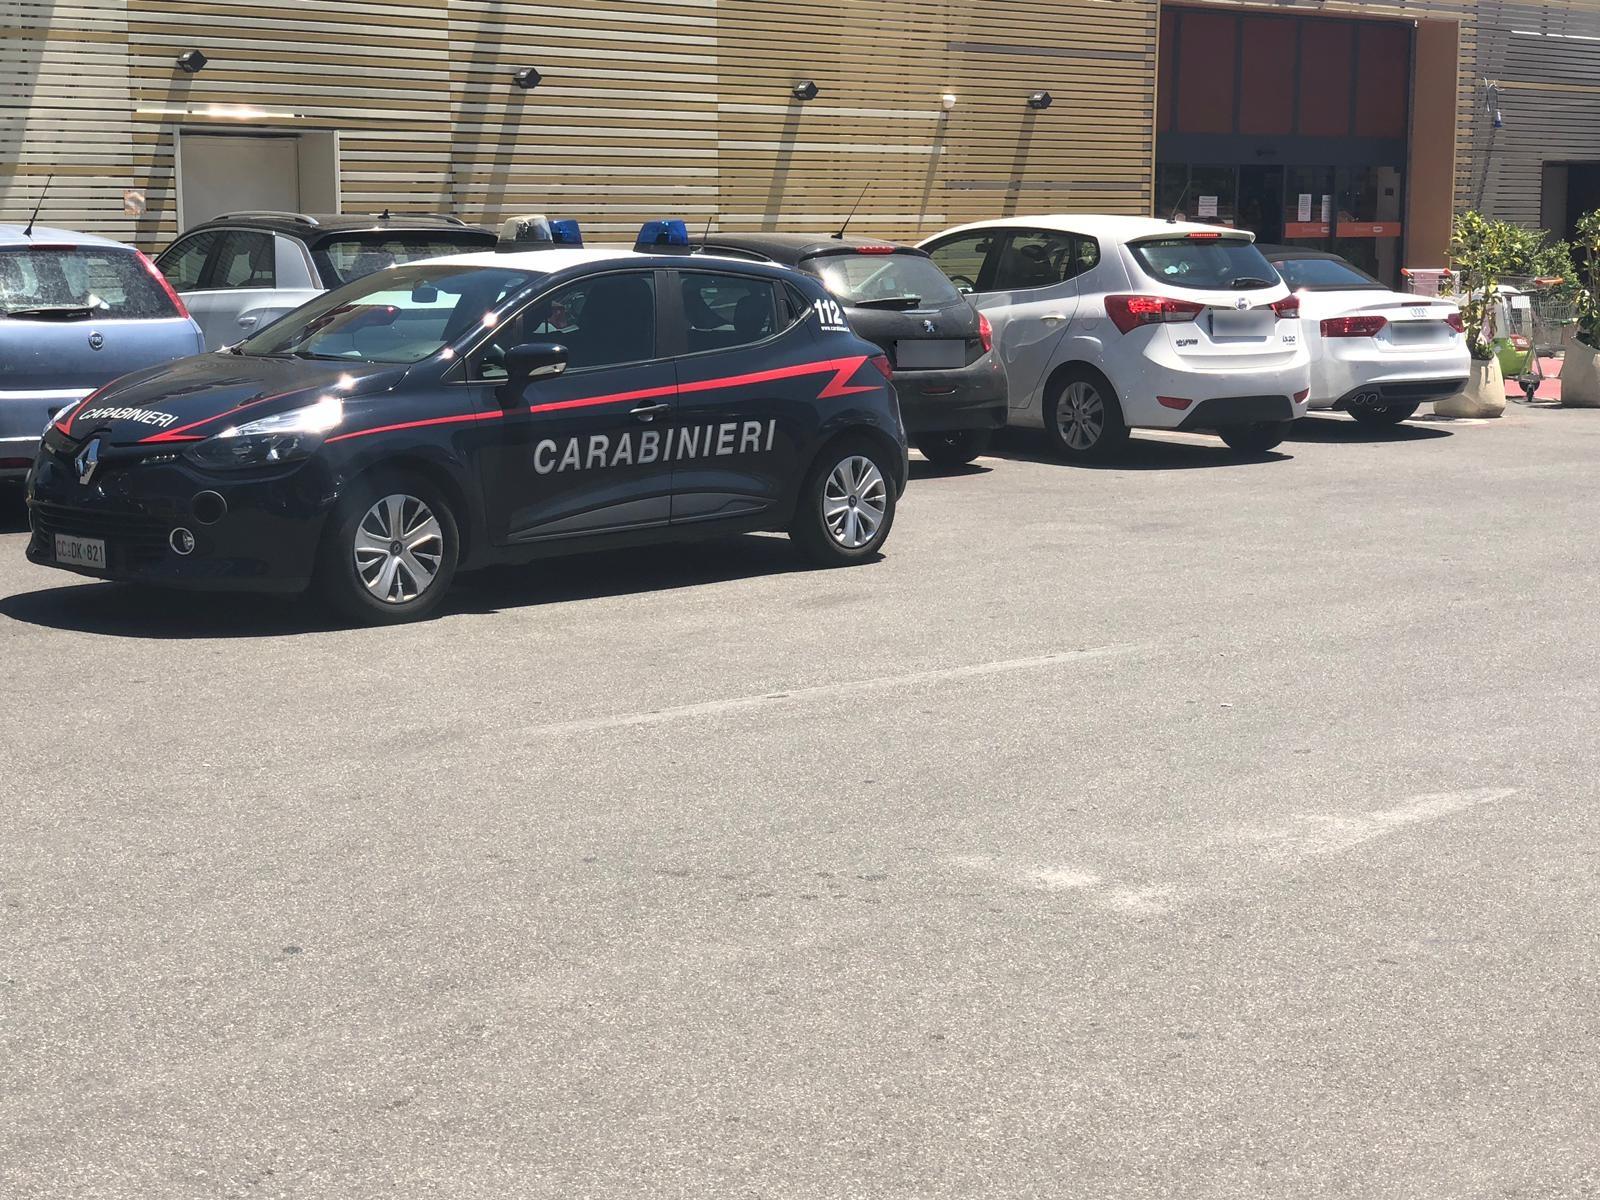 Fondachello Valdina, Carabinieri arrestano un uomo per evasione